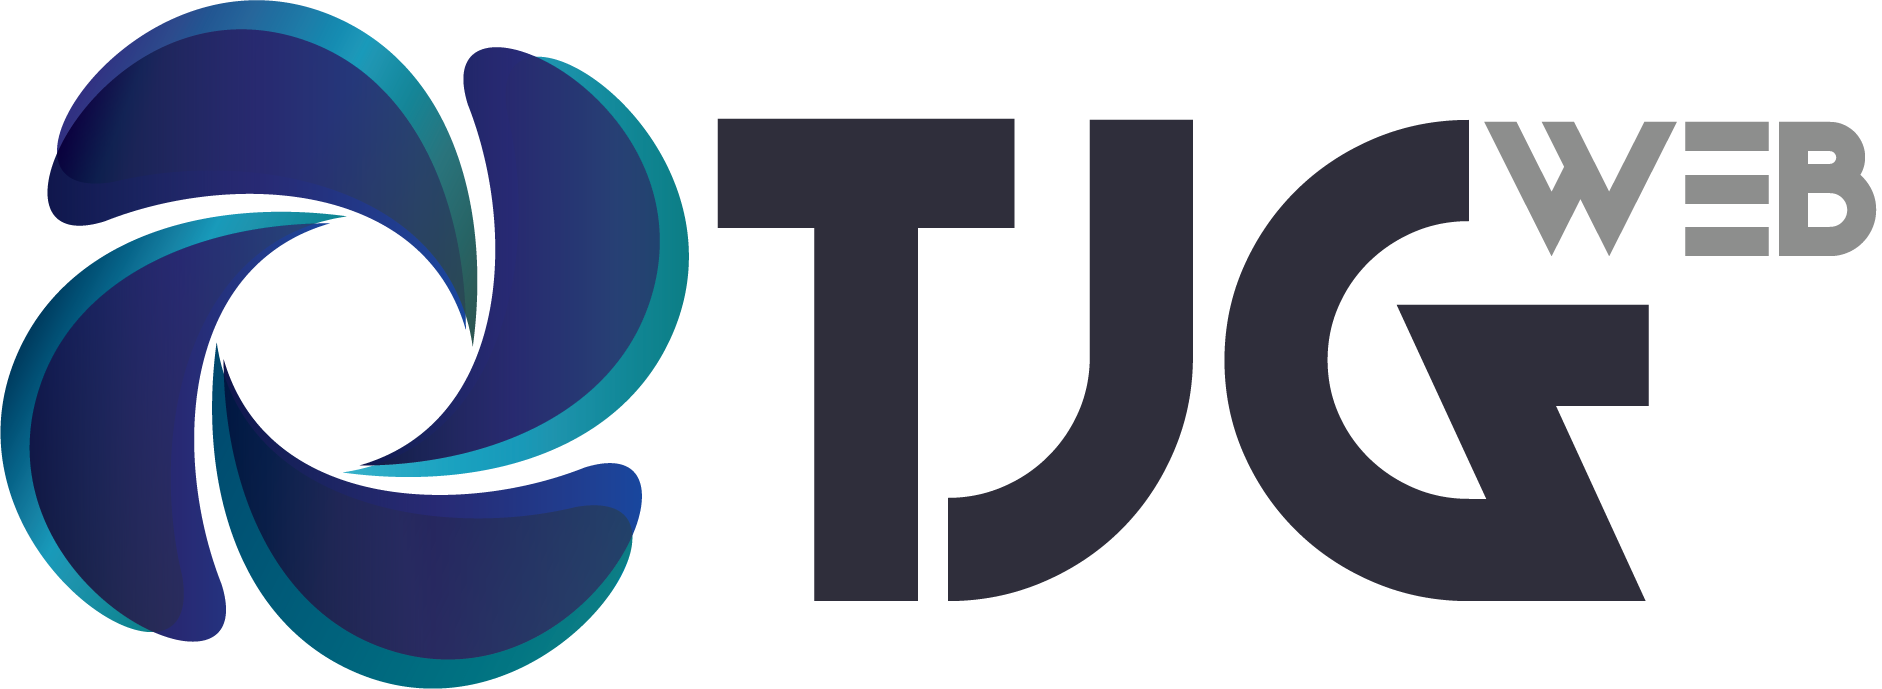 TJG Web